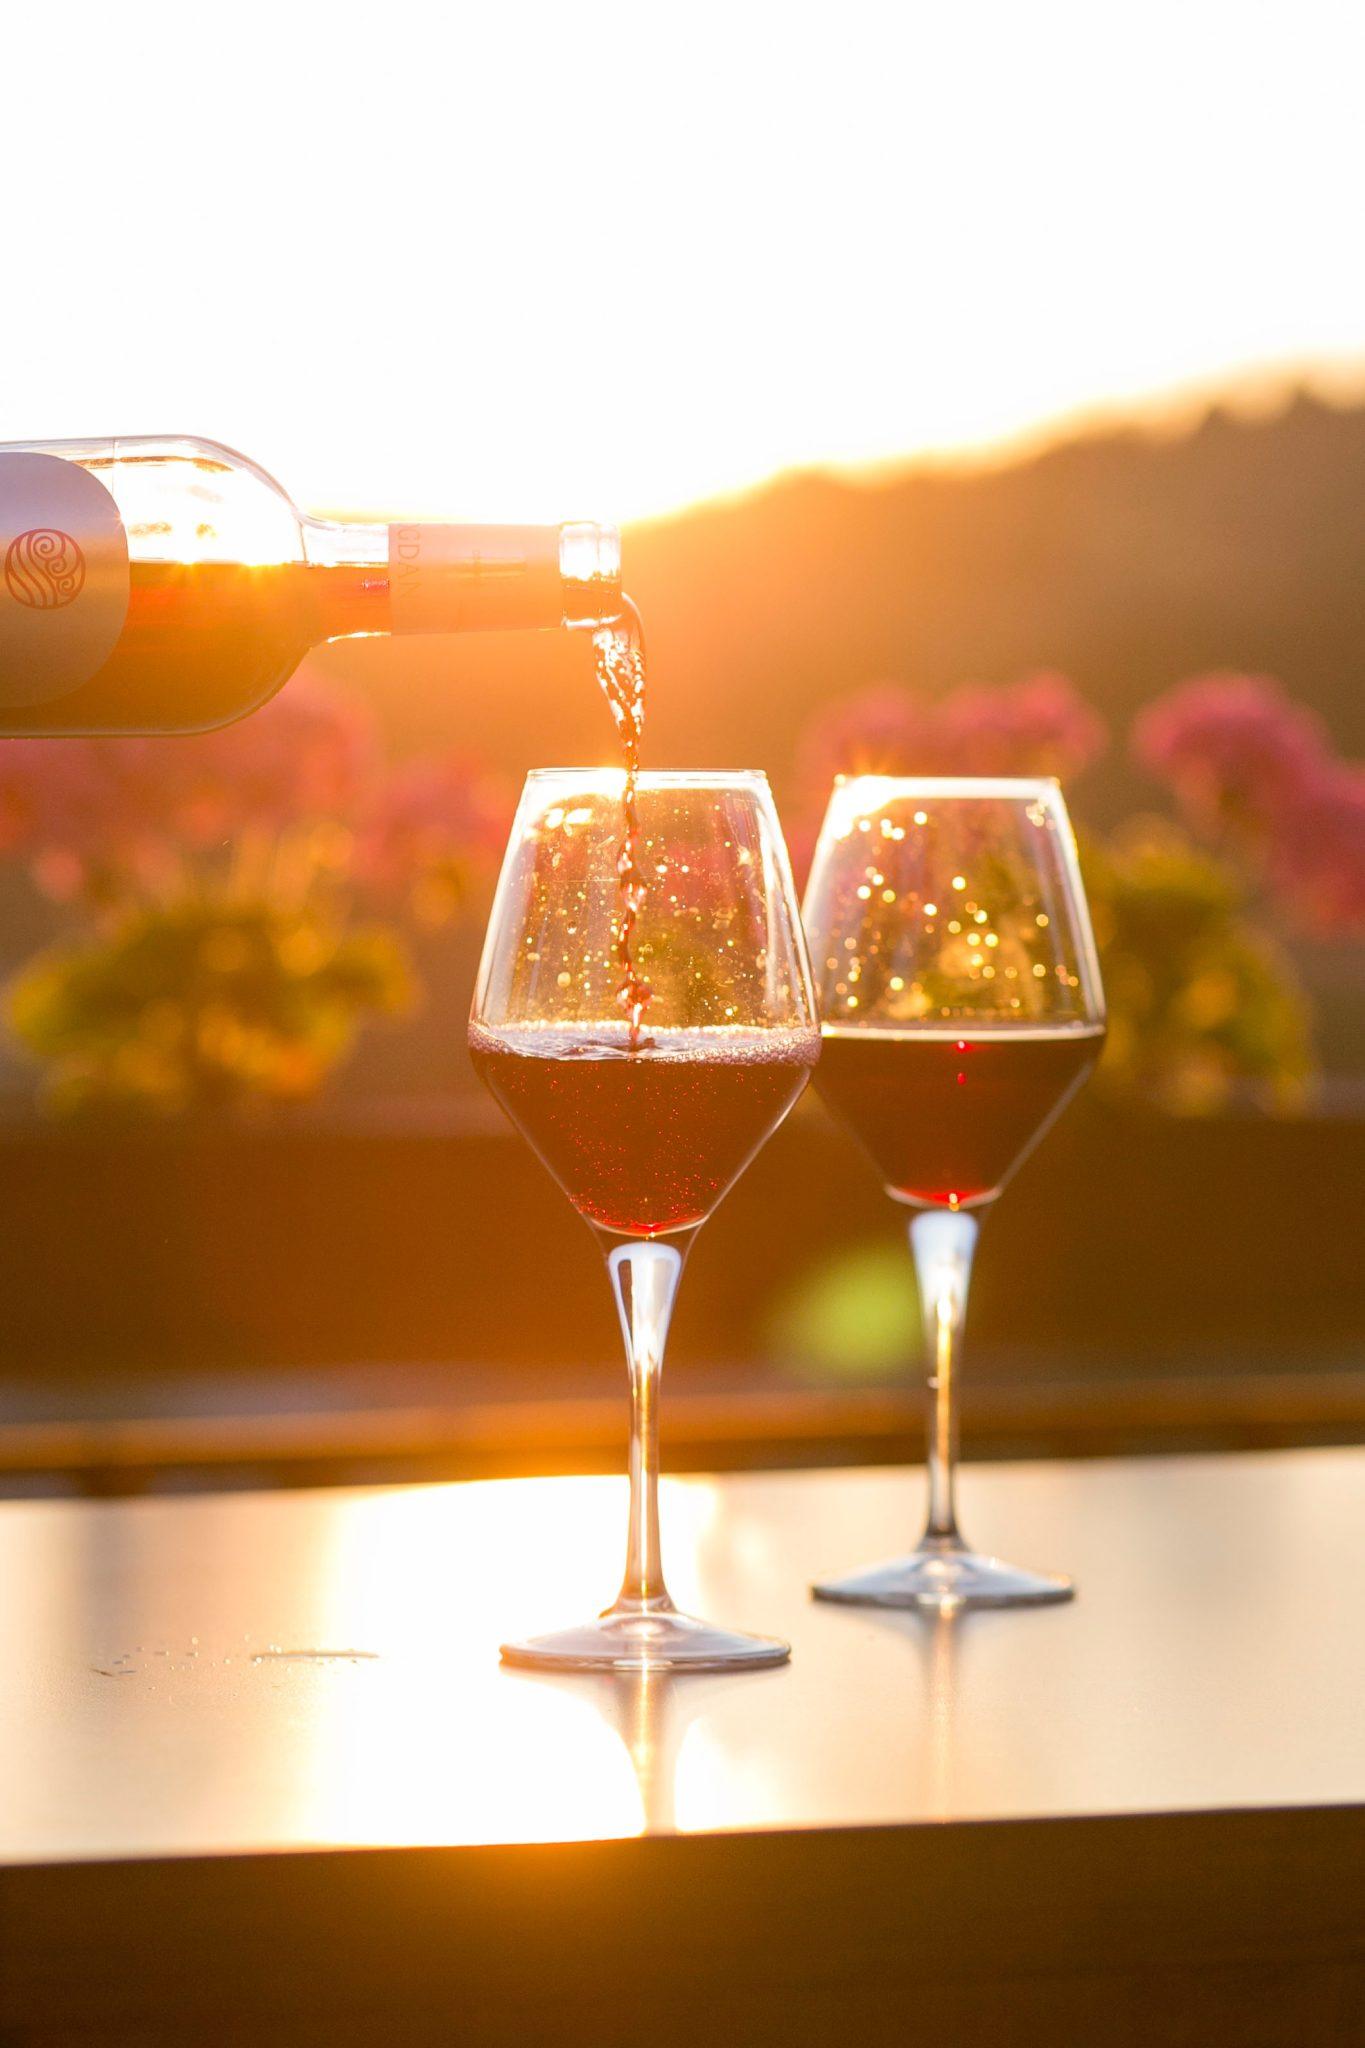 Dwie lampki czerwonego wina stojące na stole, a w tle ogród o zachodzie słońca